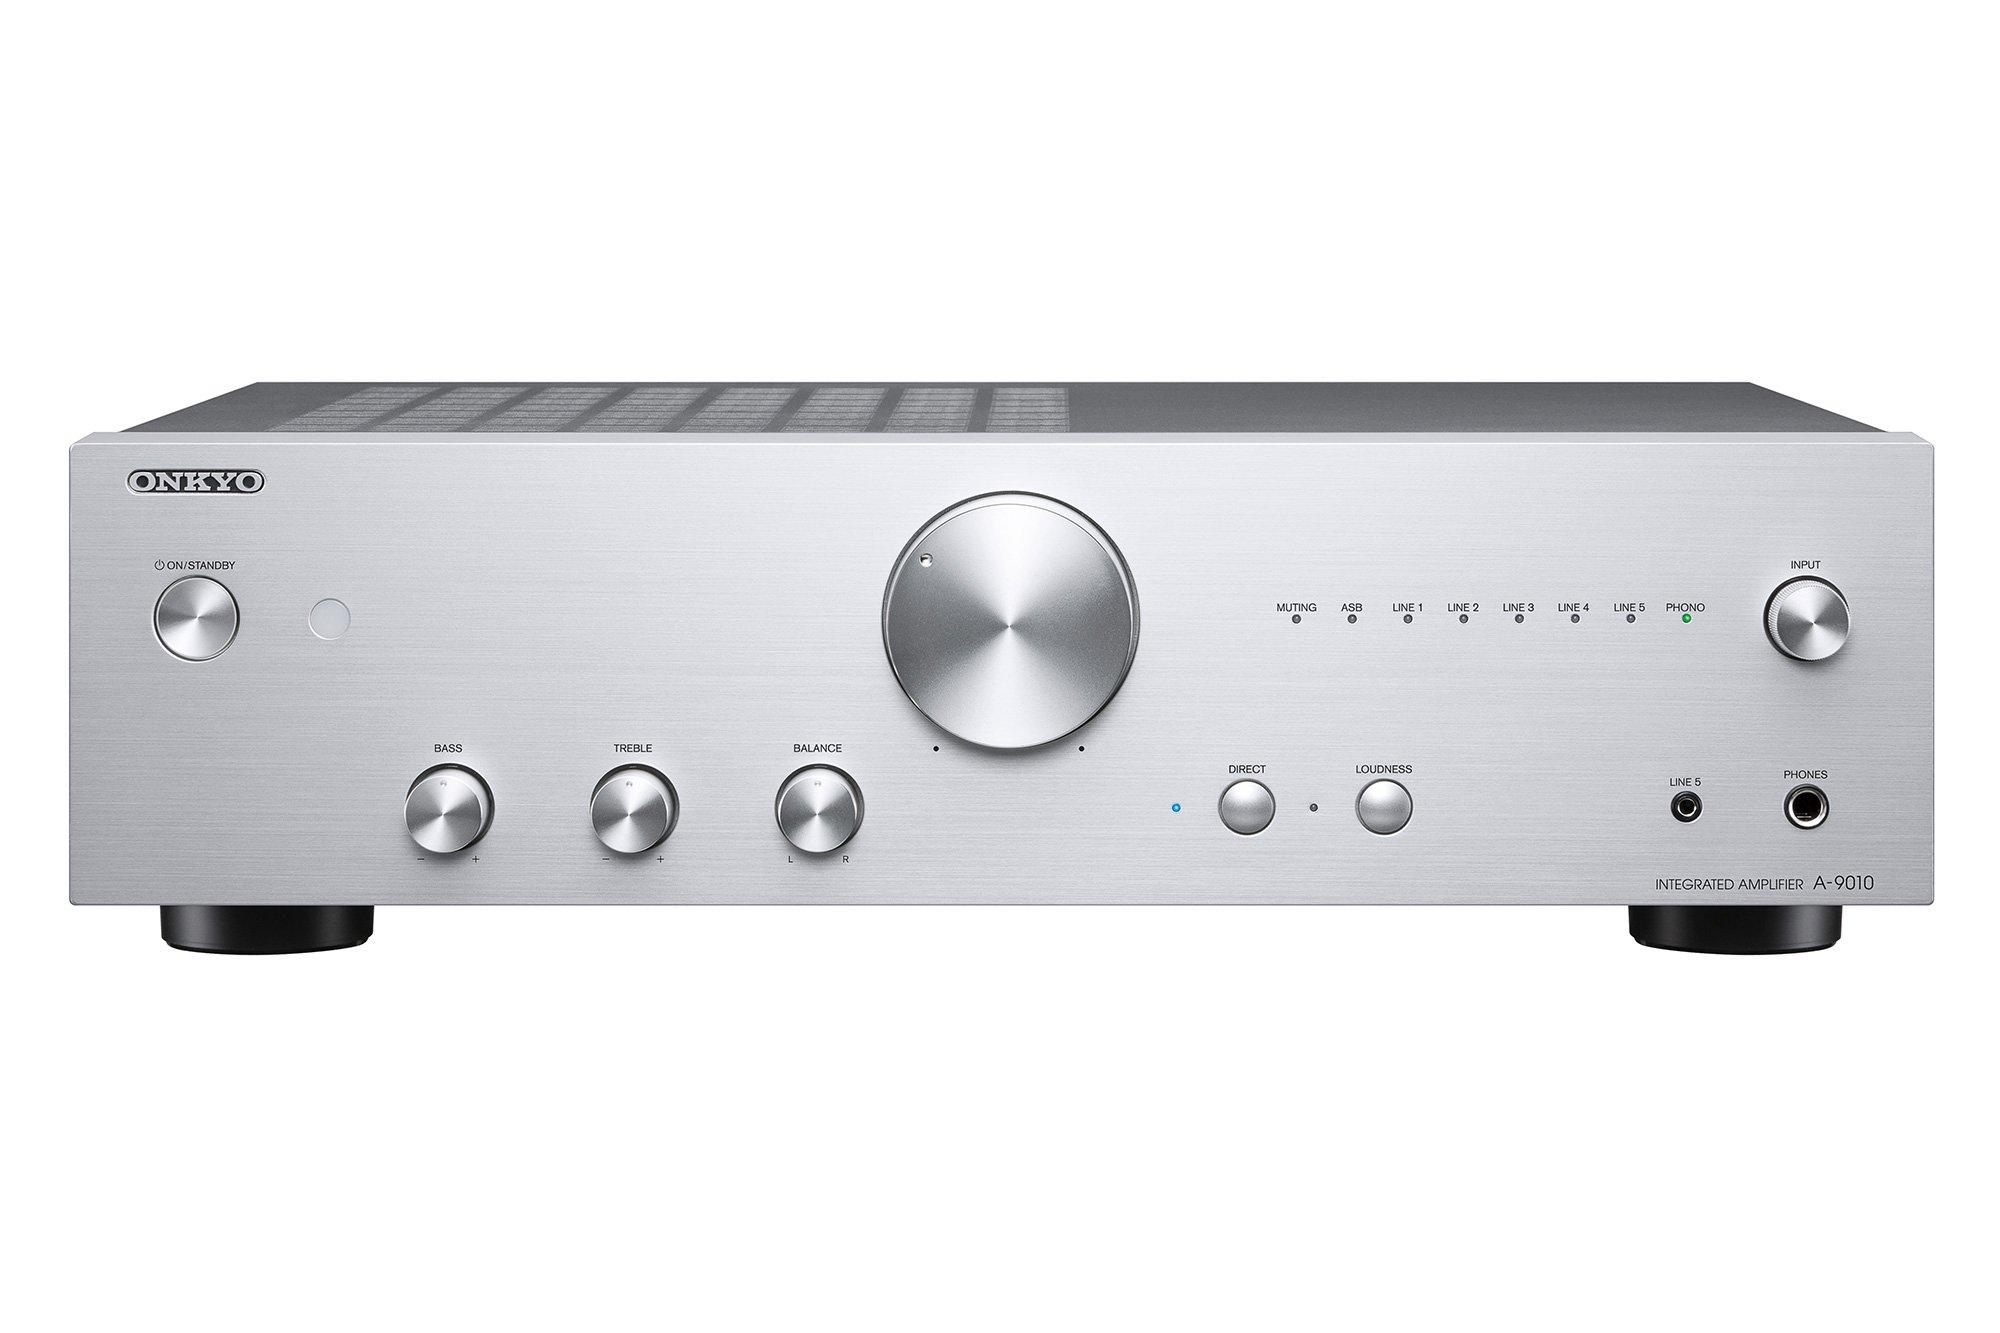 ONKYO Integrated amplifier 85W + 85W ONKYO A-9010 (S) (Silver) (Japan domestic model) by Onkyo